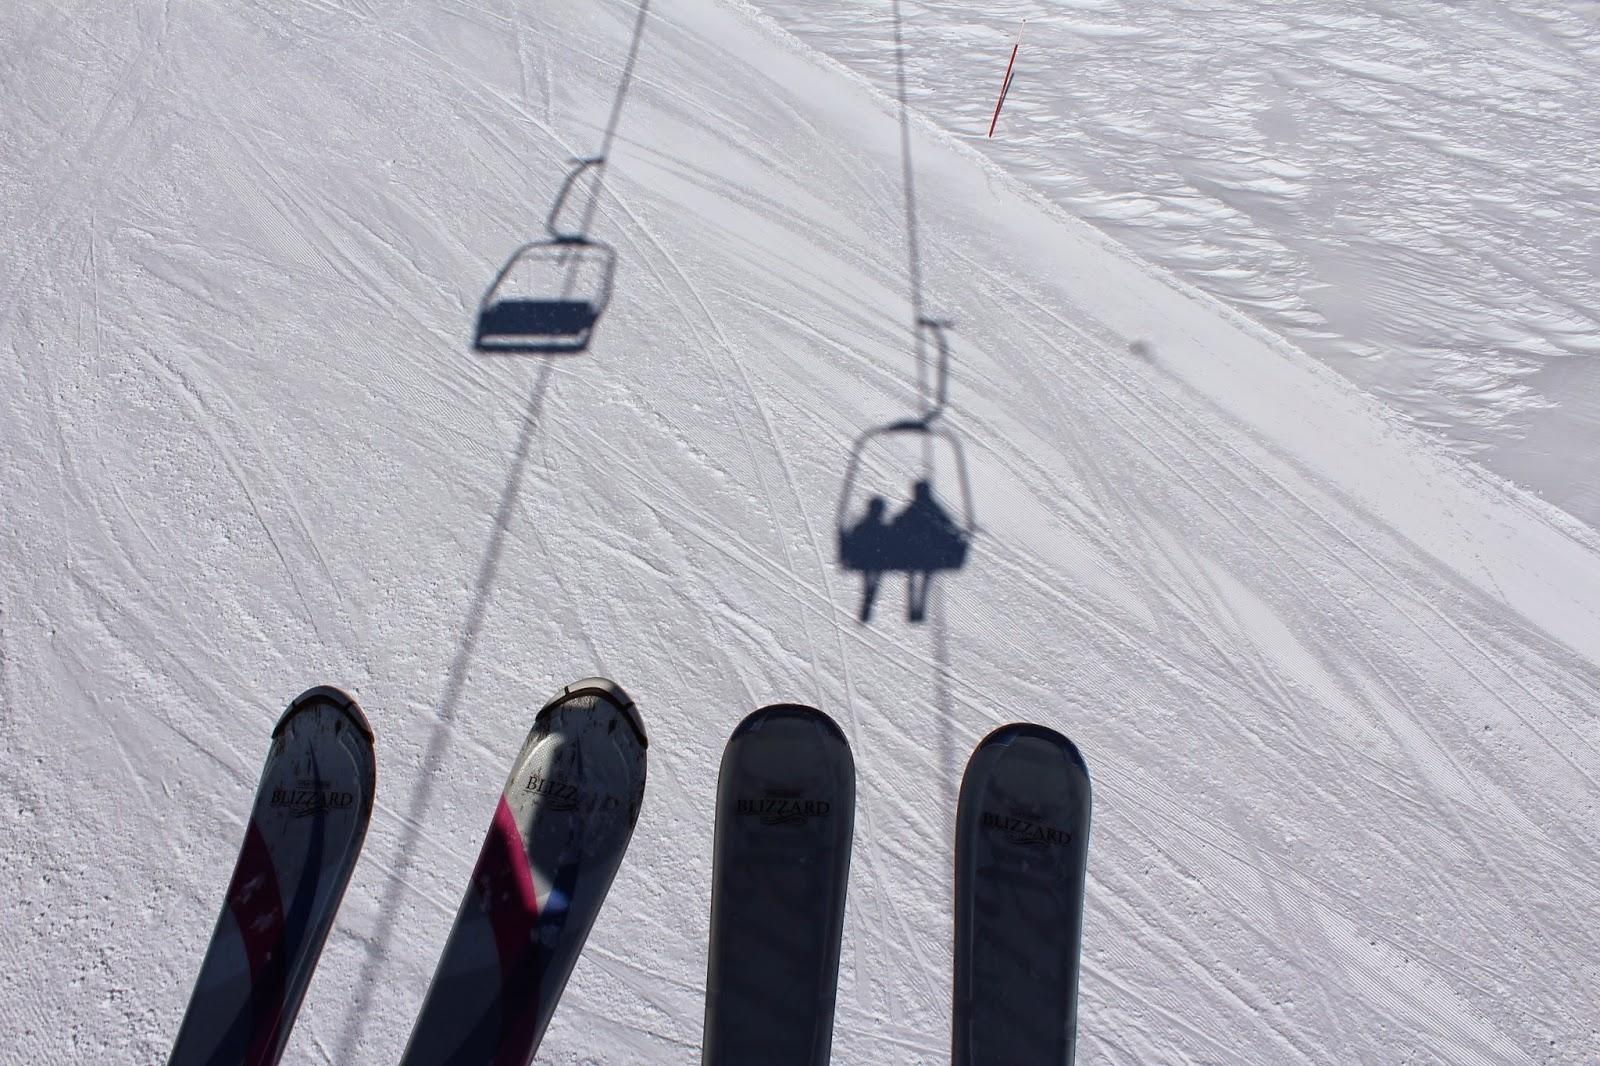 narty blizzard, nordica ski, wyciąg narciarski, dzieci na nartach, Italy, blogger